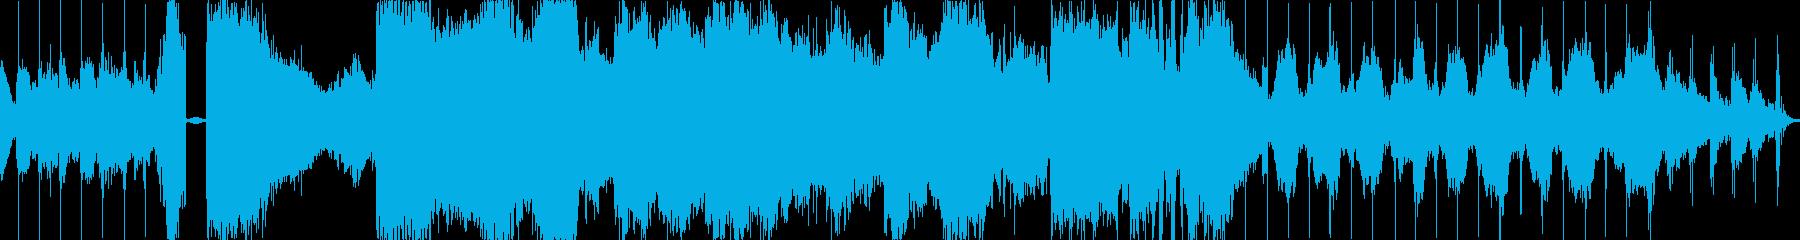 幽霊屋敷-不穏な空気の環境音楽の再生済みの波形